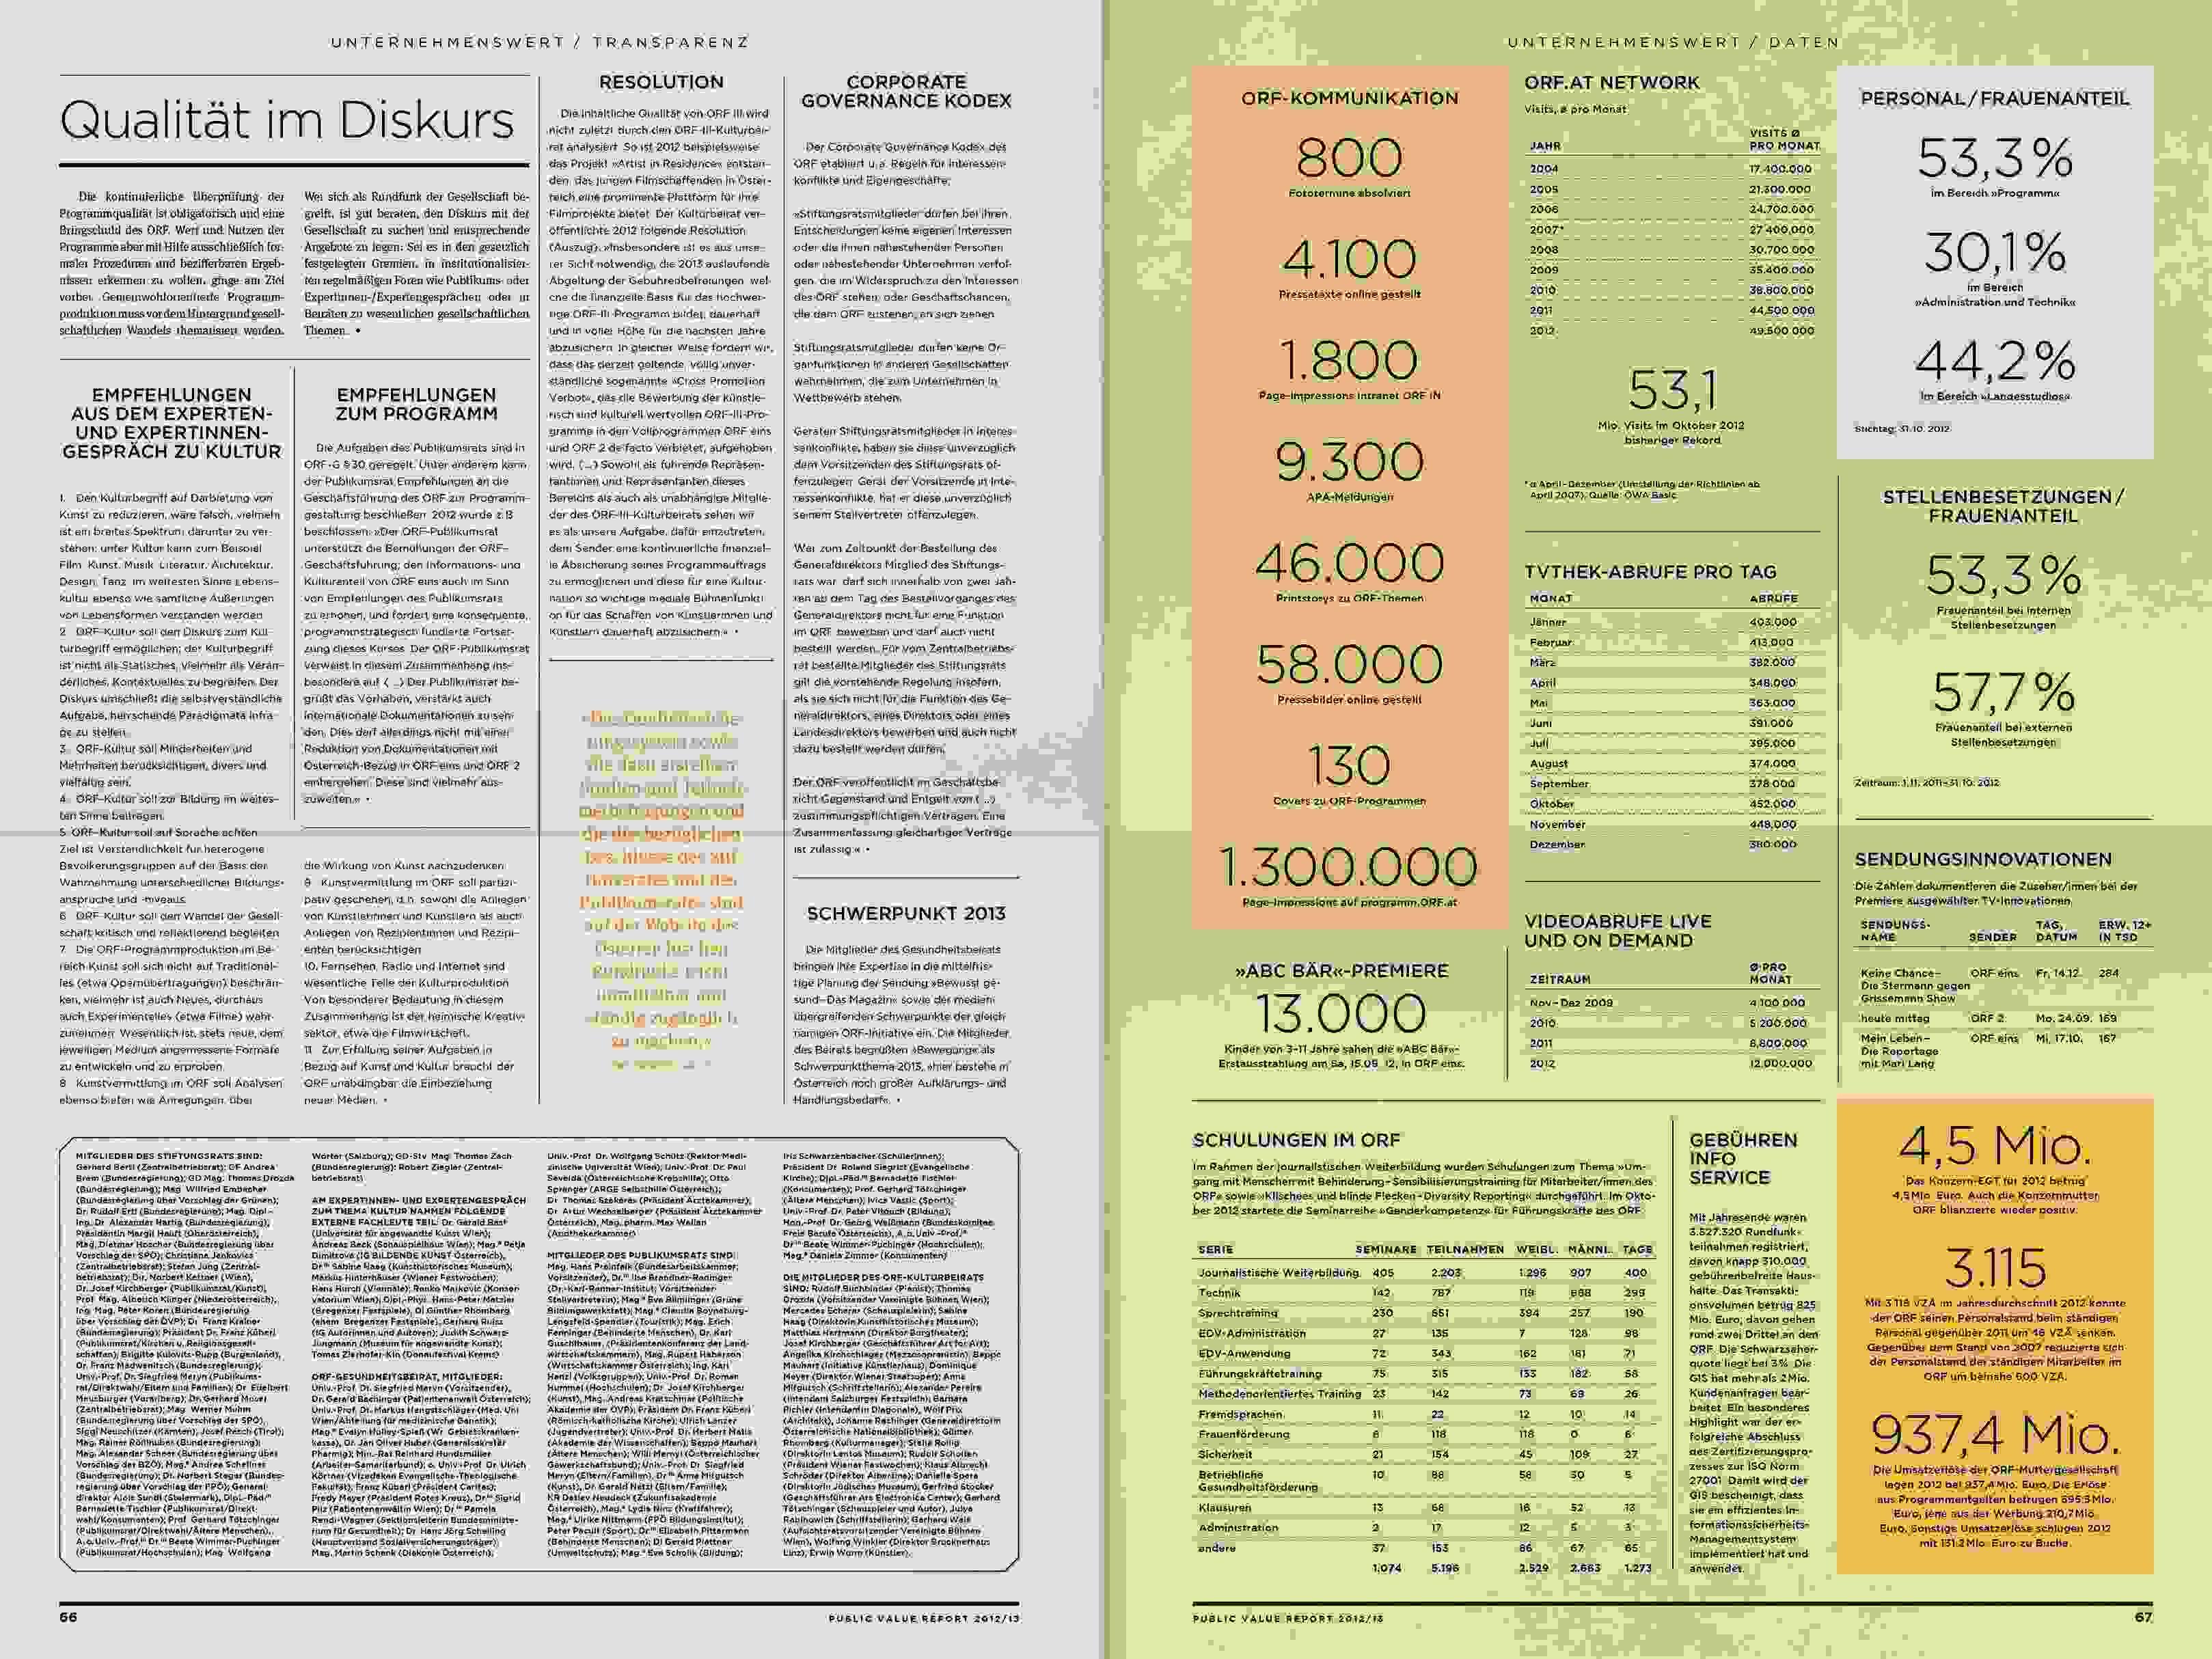 ORF PV 13 flat Dummy Zeitung Doppelseite 23